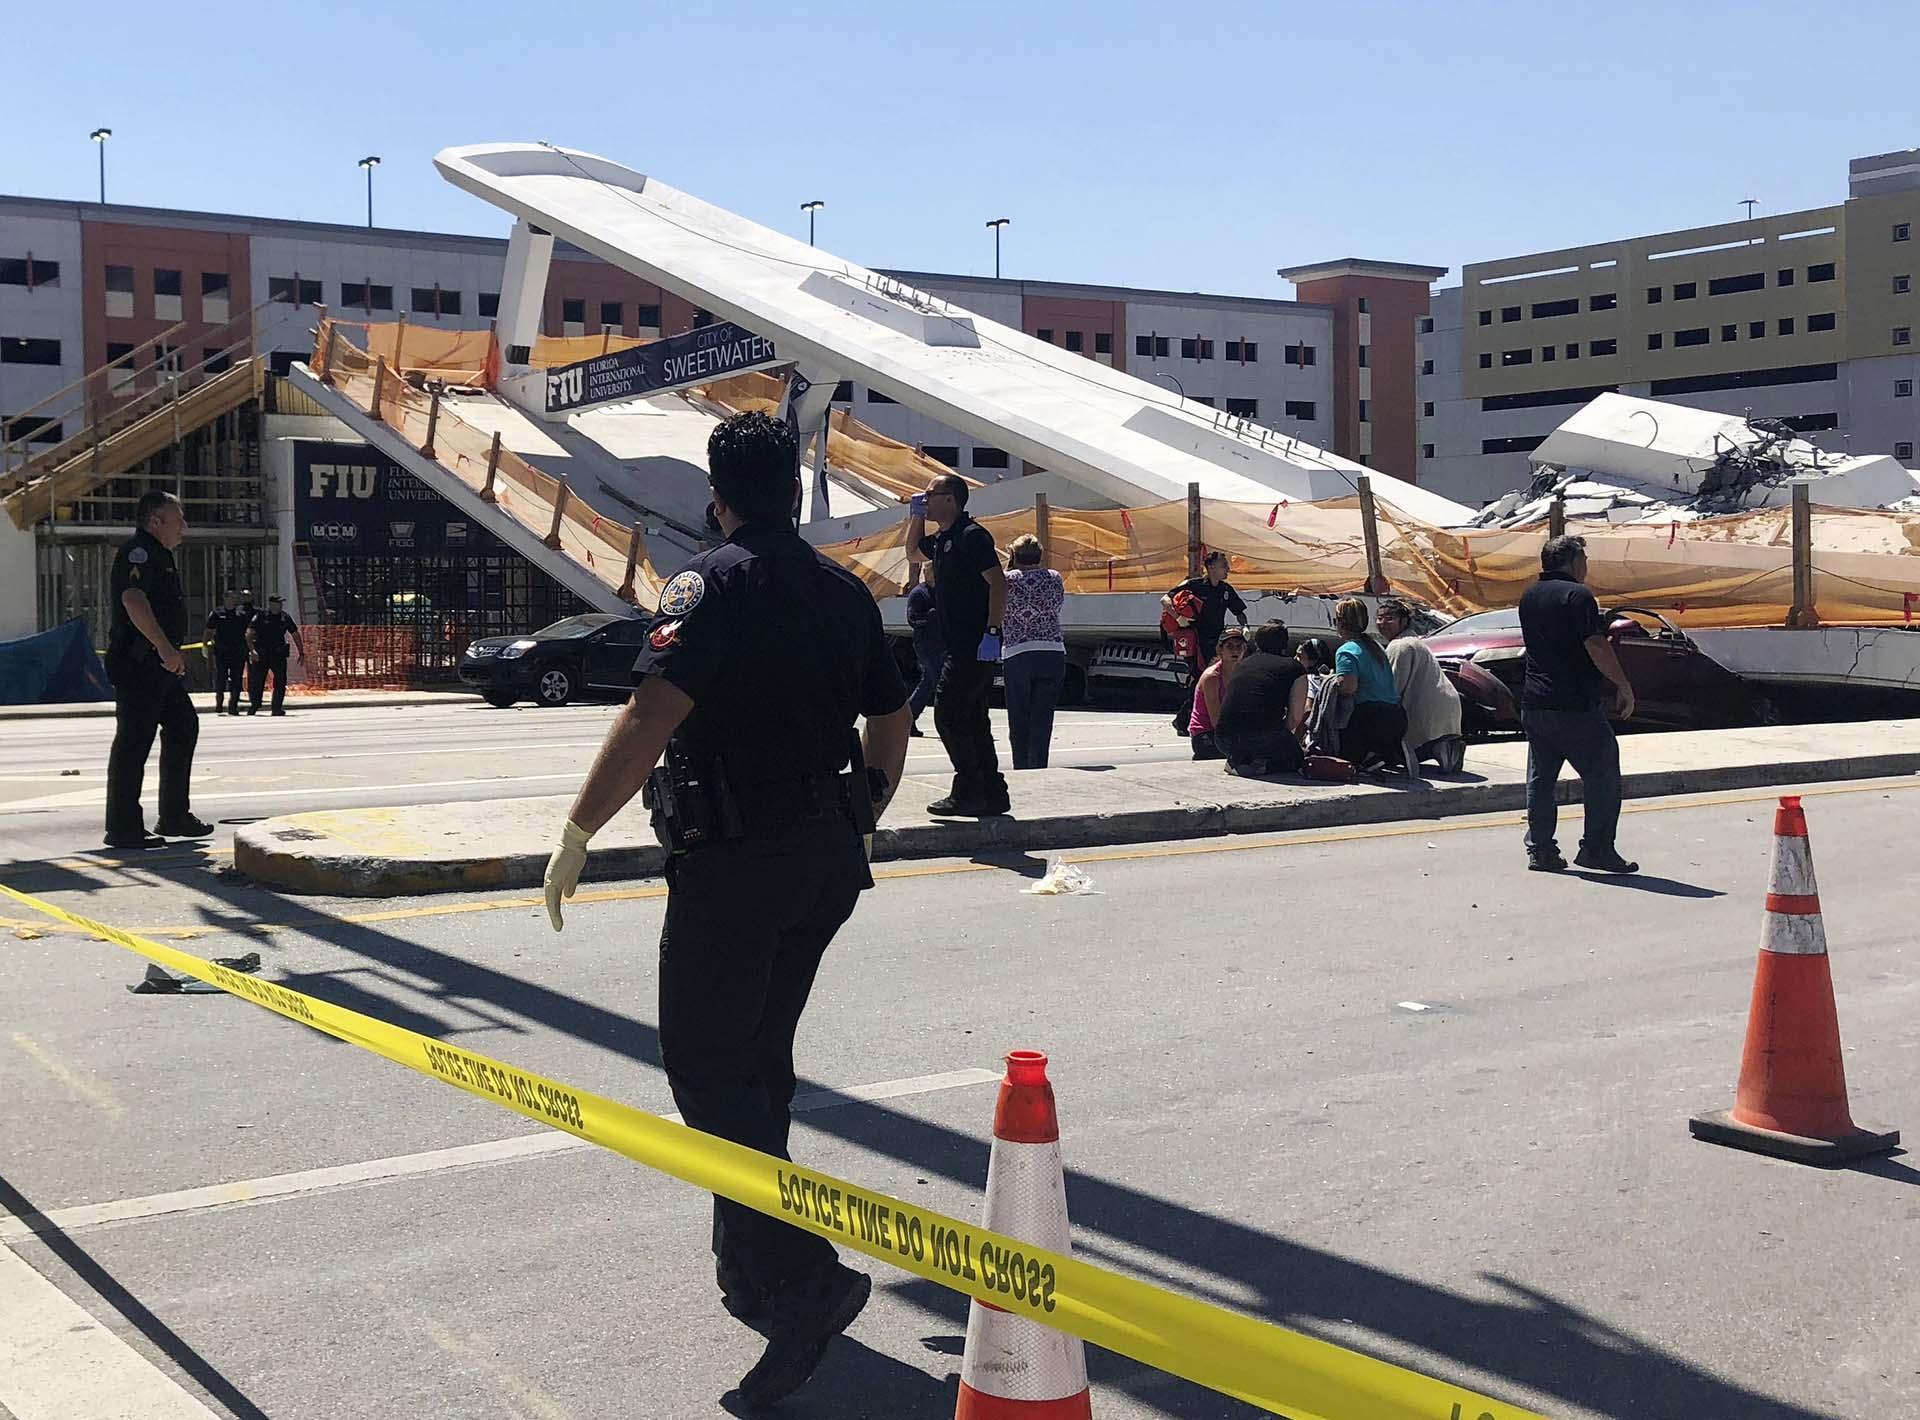 Personal de seguridad y emergencias de Sweetwater trabajan en el lugar del colapso(WTVJ NBC6 via AP)